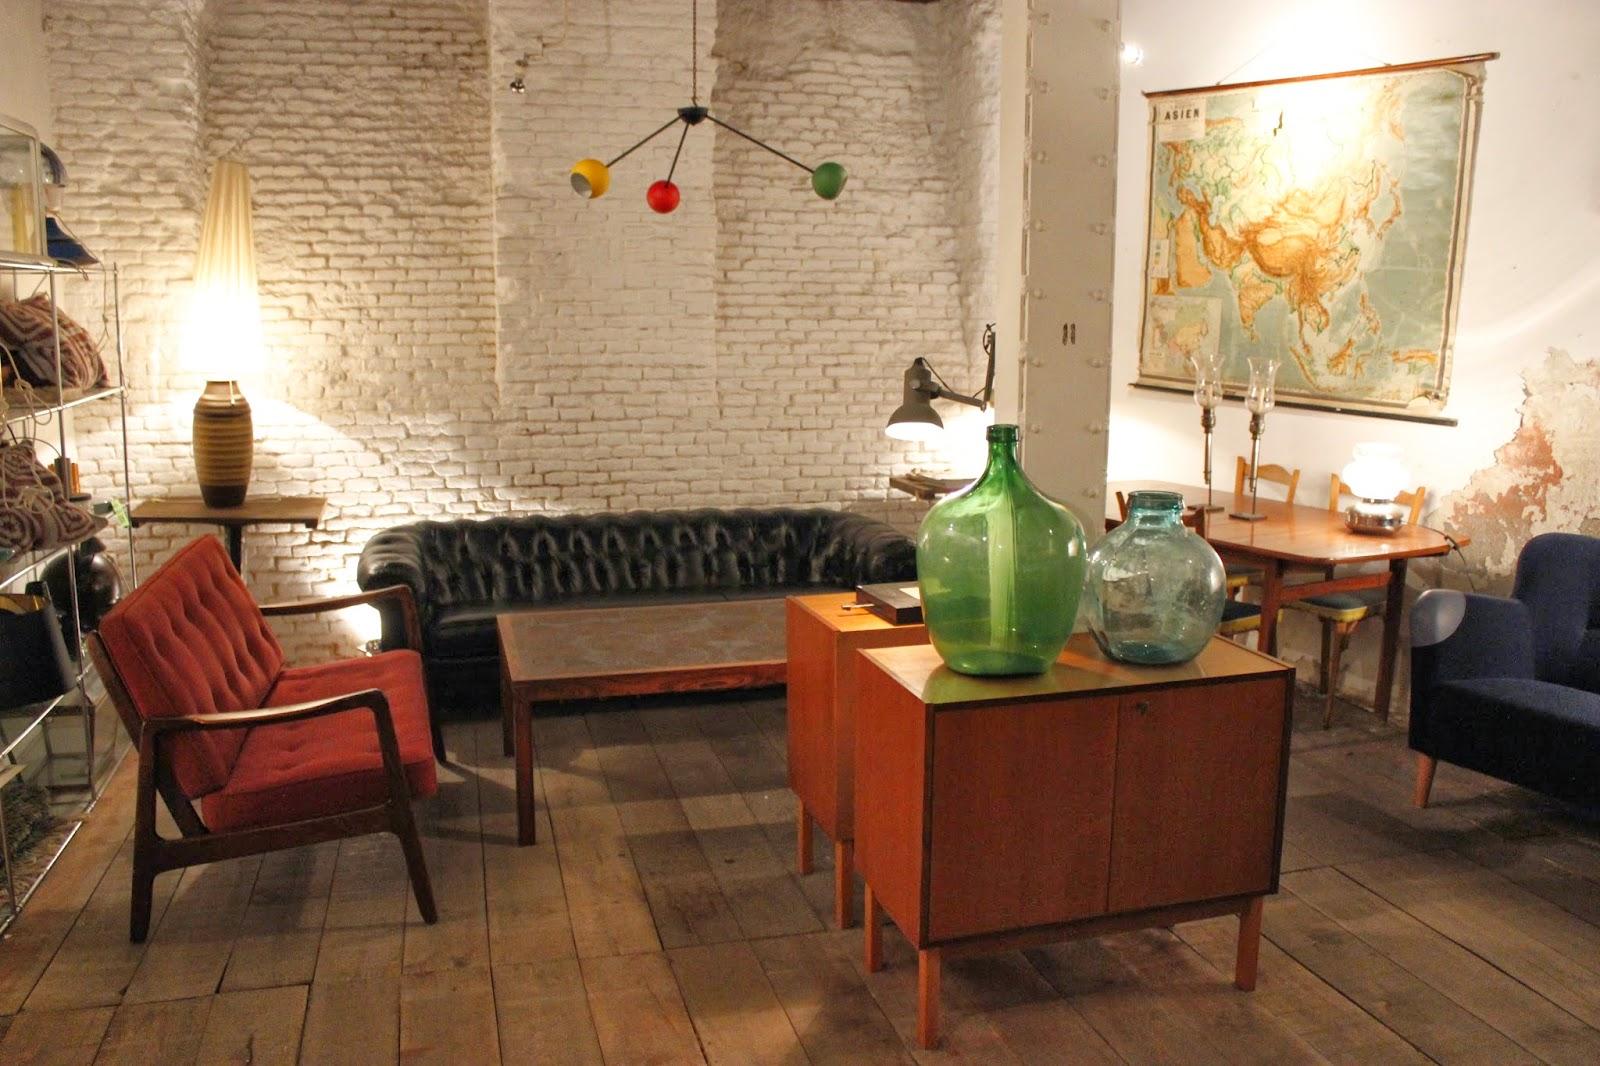 Tiendas Muebles Madrid Great Lugo Comprar Libreras En Muebles Rey  # Muebles Fabricas De Francia